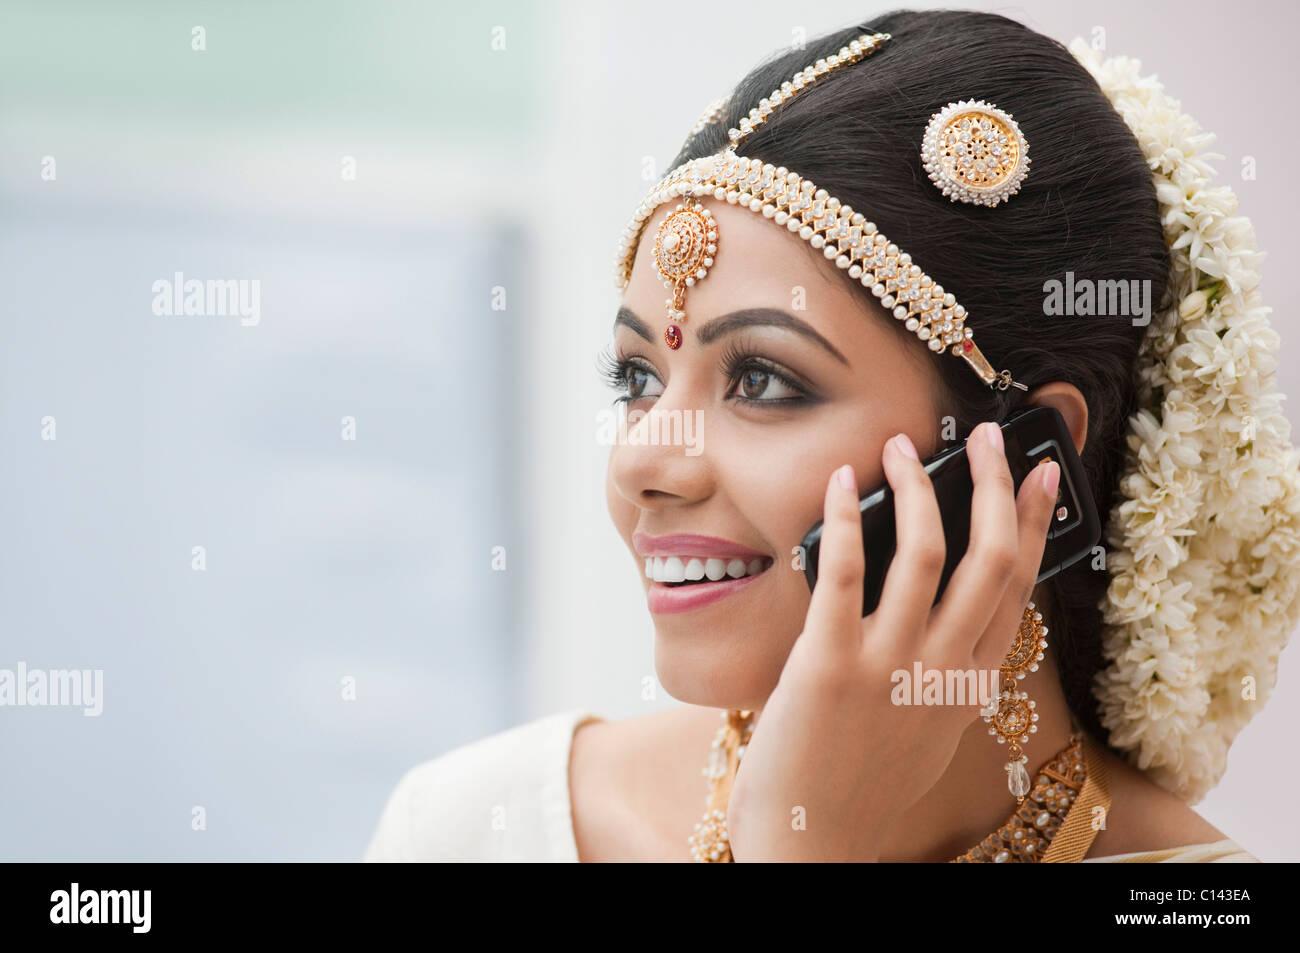 Novia vestidos tradicionales del sur de la India hablando por un teléfono móvil Imagen De Stock